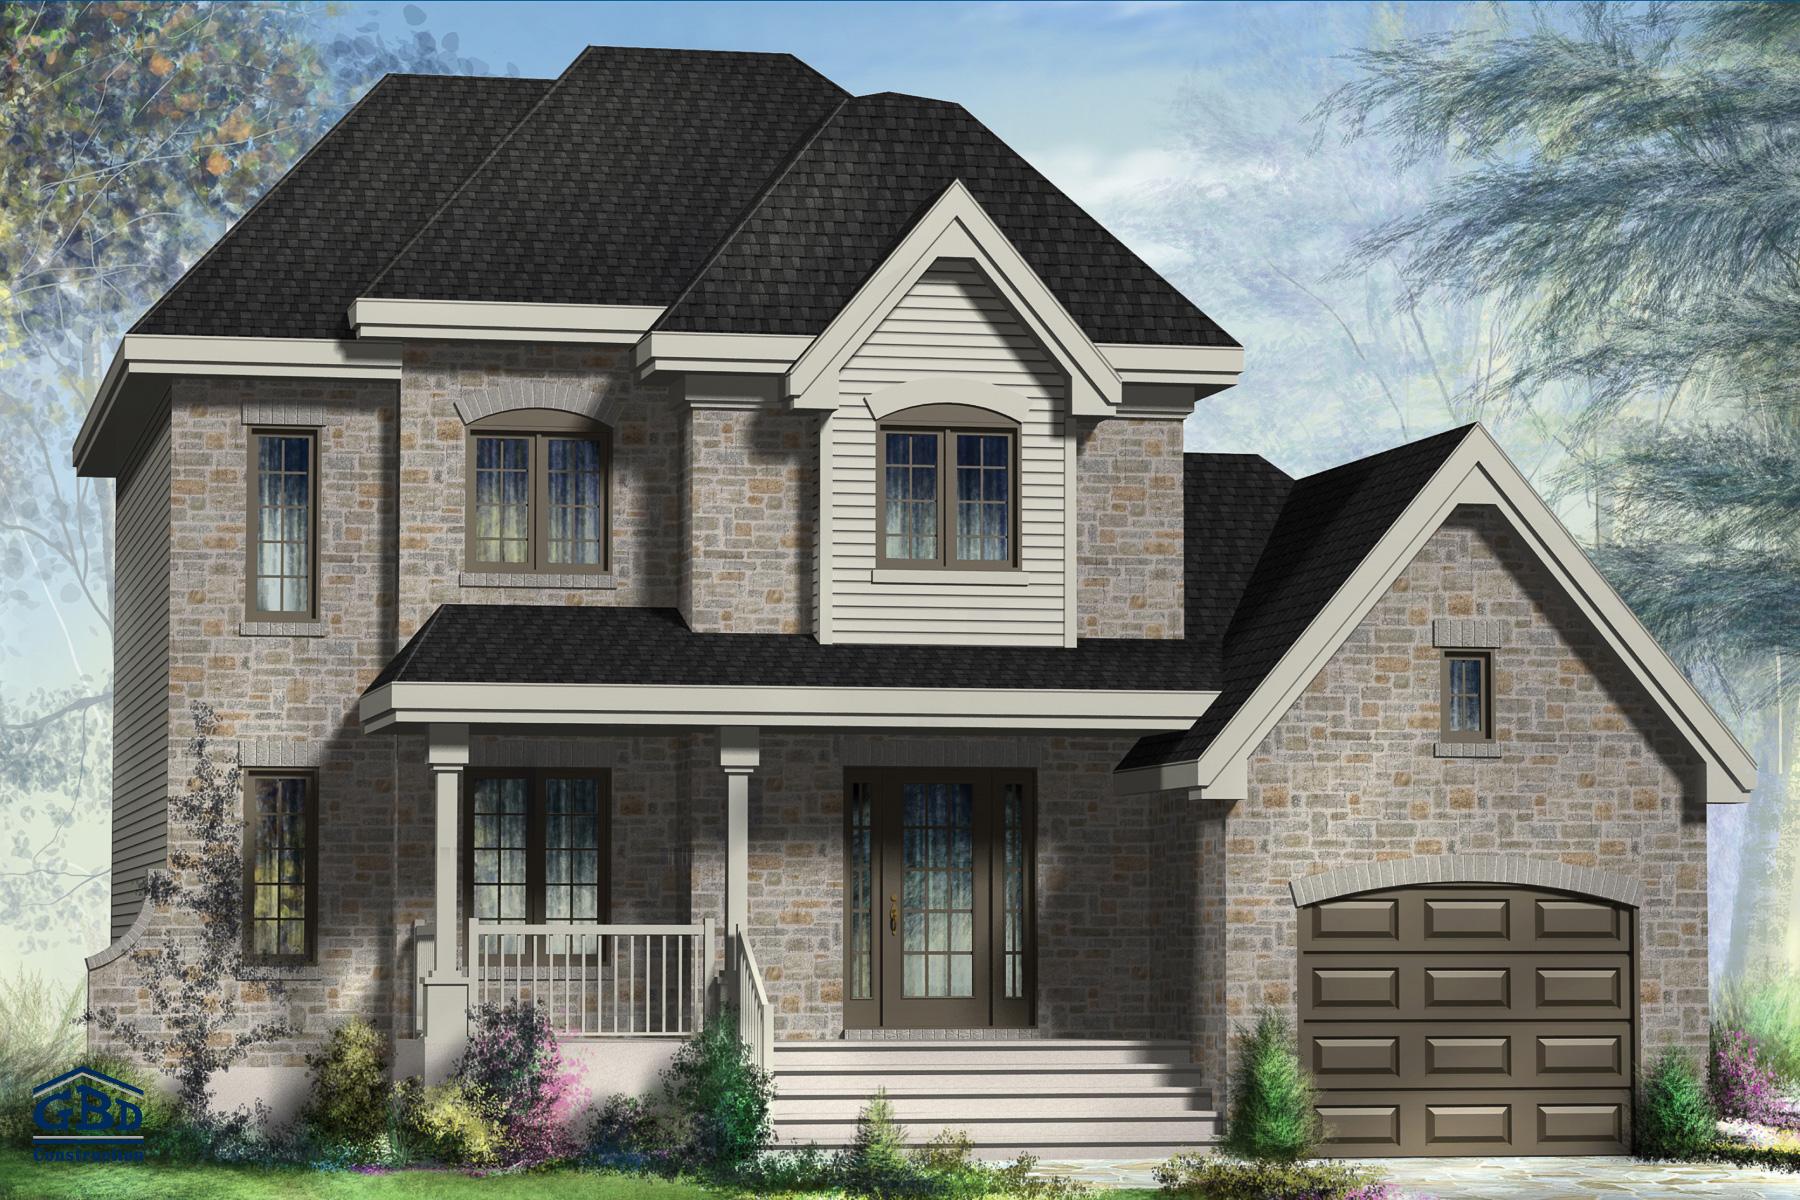 Maison style cottage au niveau de la conception de la for Maison style cottage